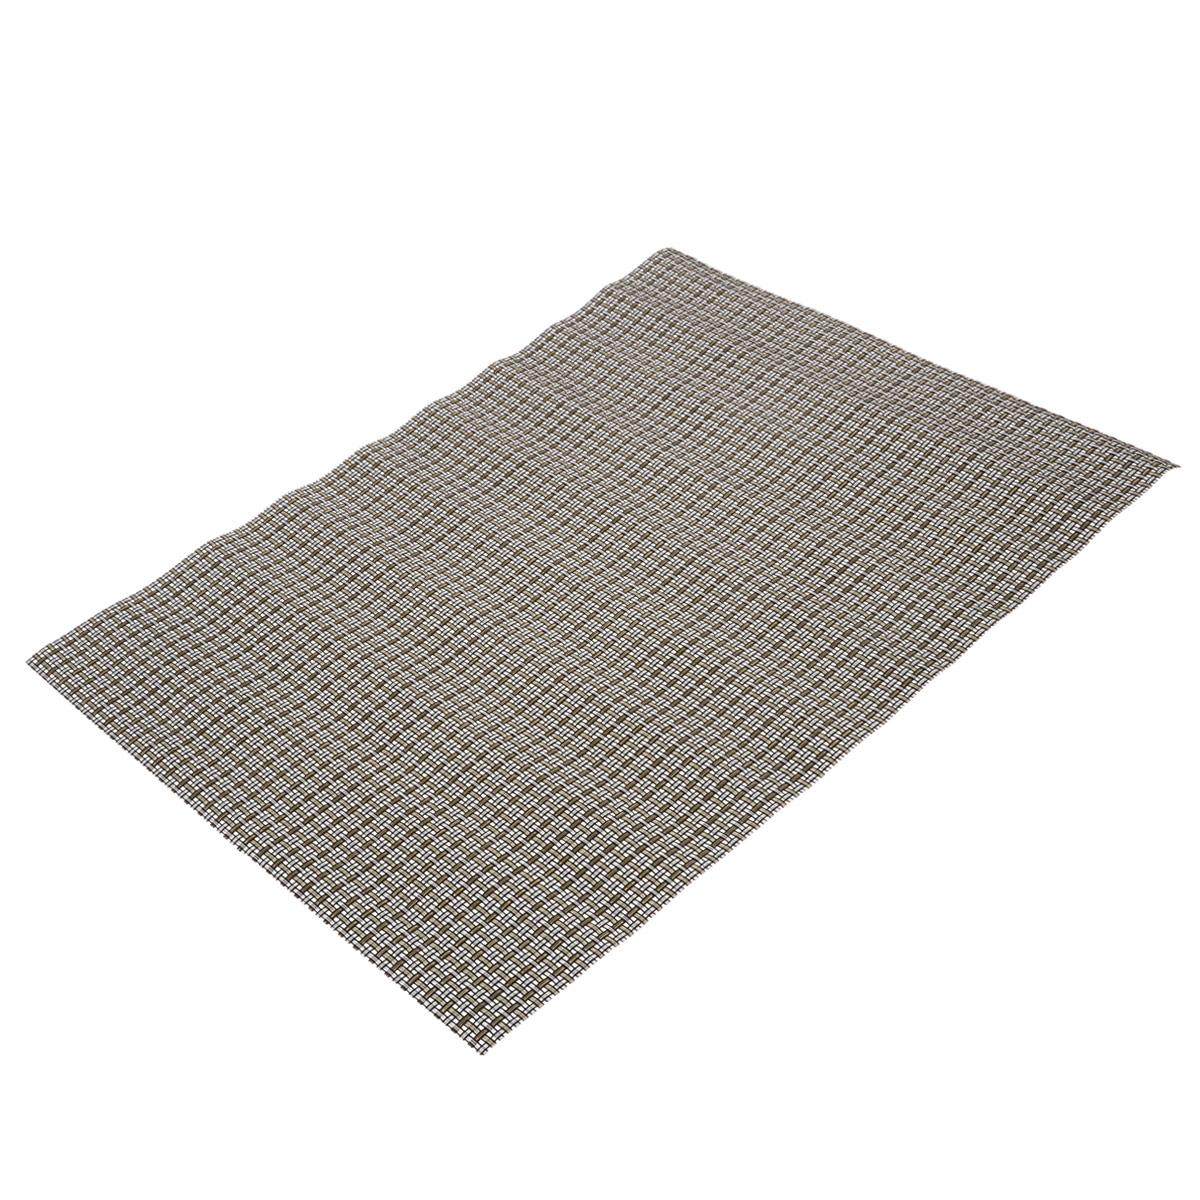 Подставка под горячее Bradex, цвет: серый, 45 см х 30 смFS-91909Прямоугольная подставка под горячее Bradex, выполненная из прочного ПВХ, не боится высоких температур и легко чистится от пятен и жира.Каждая хозяйка знает, что подставка под горячее - это незаменимый и очень полезный аксессуар на каждой кухне. Ваш стол будет не только украшен оригинальной подставкой, но и сбережен от воздействия высоких температур ваших кулинарных шедевров.